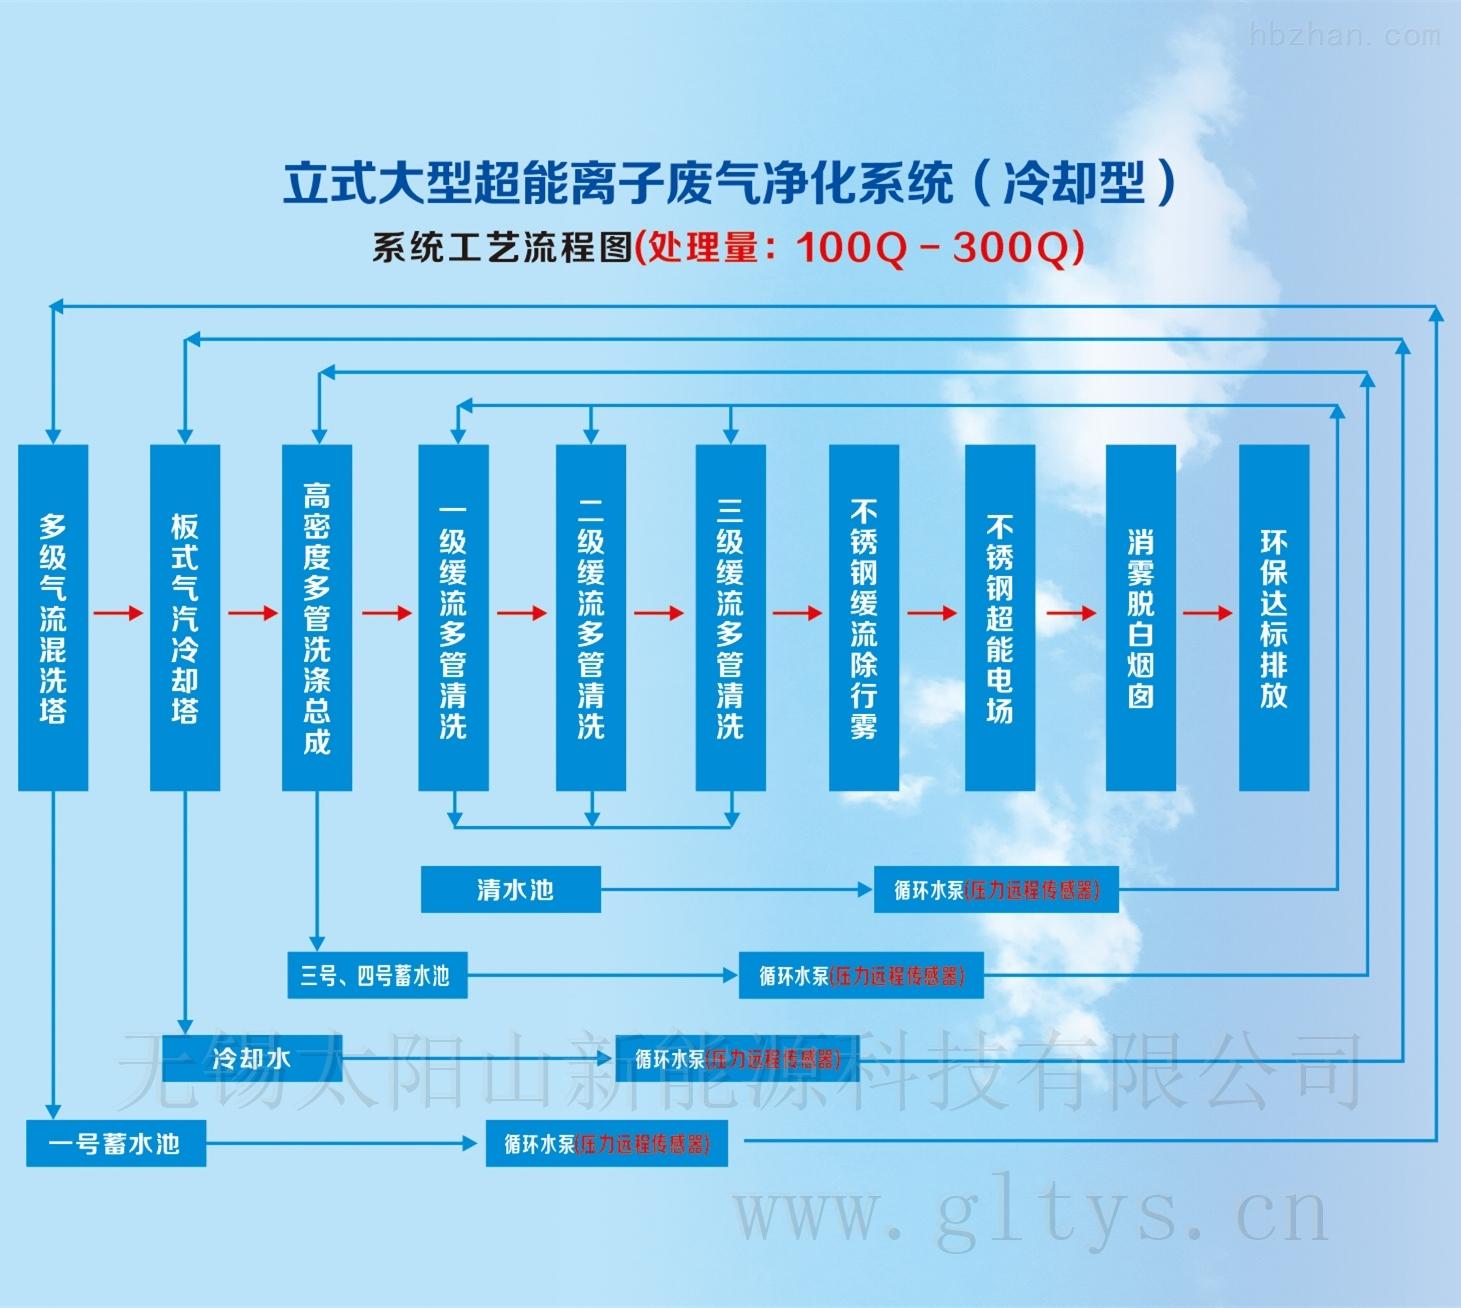 立式大型超能离子废气净化系统 冷却型 处理量:100Q-30